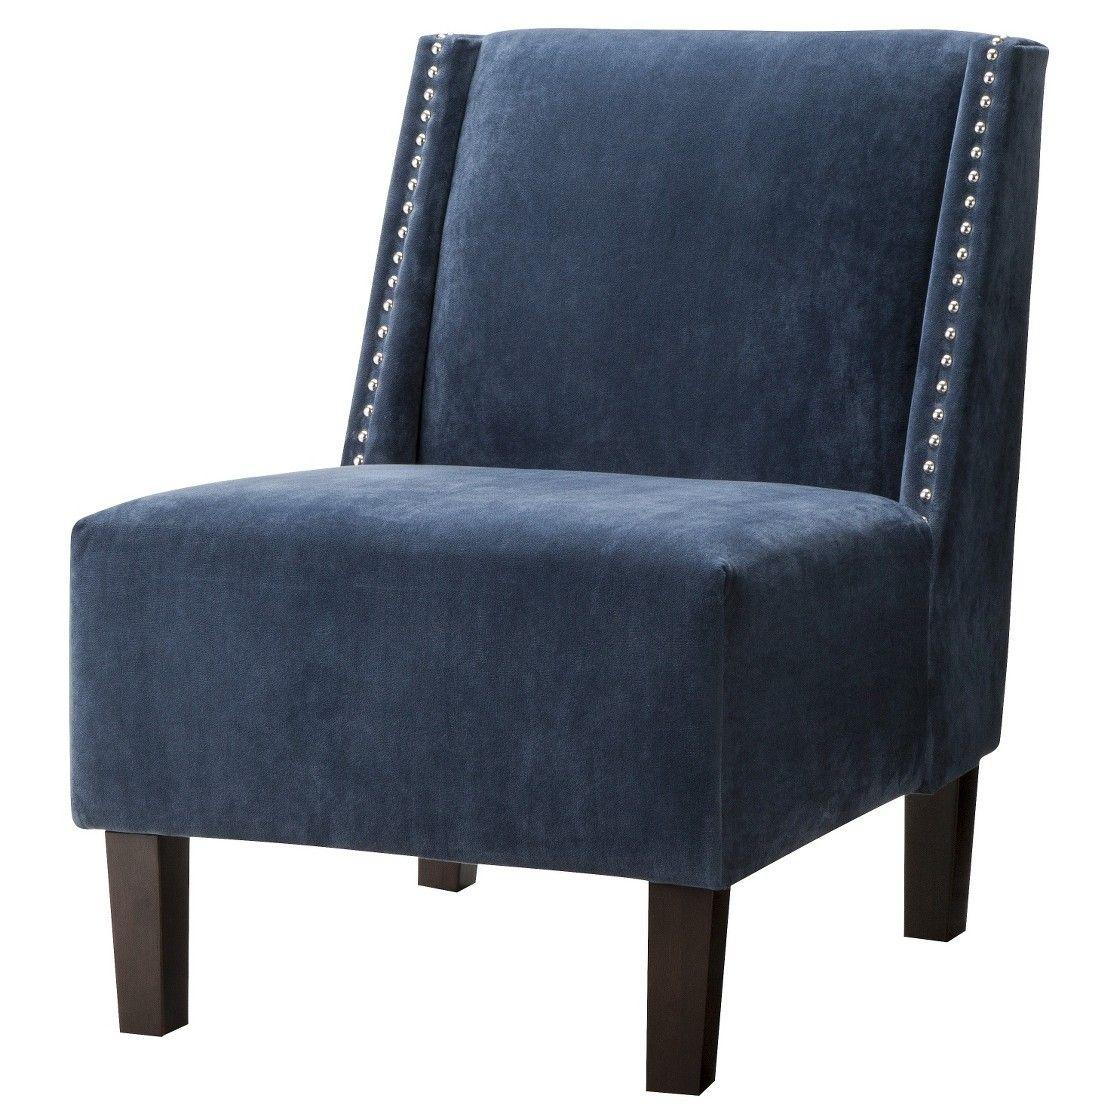 Hayden armless chair velvet with nailheads armless